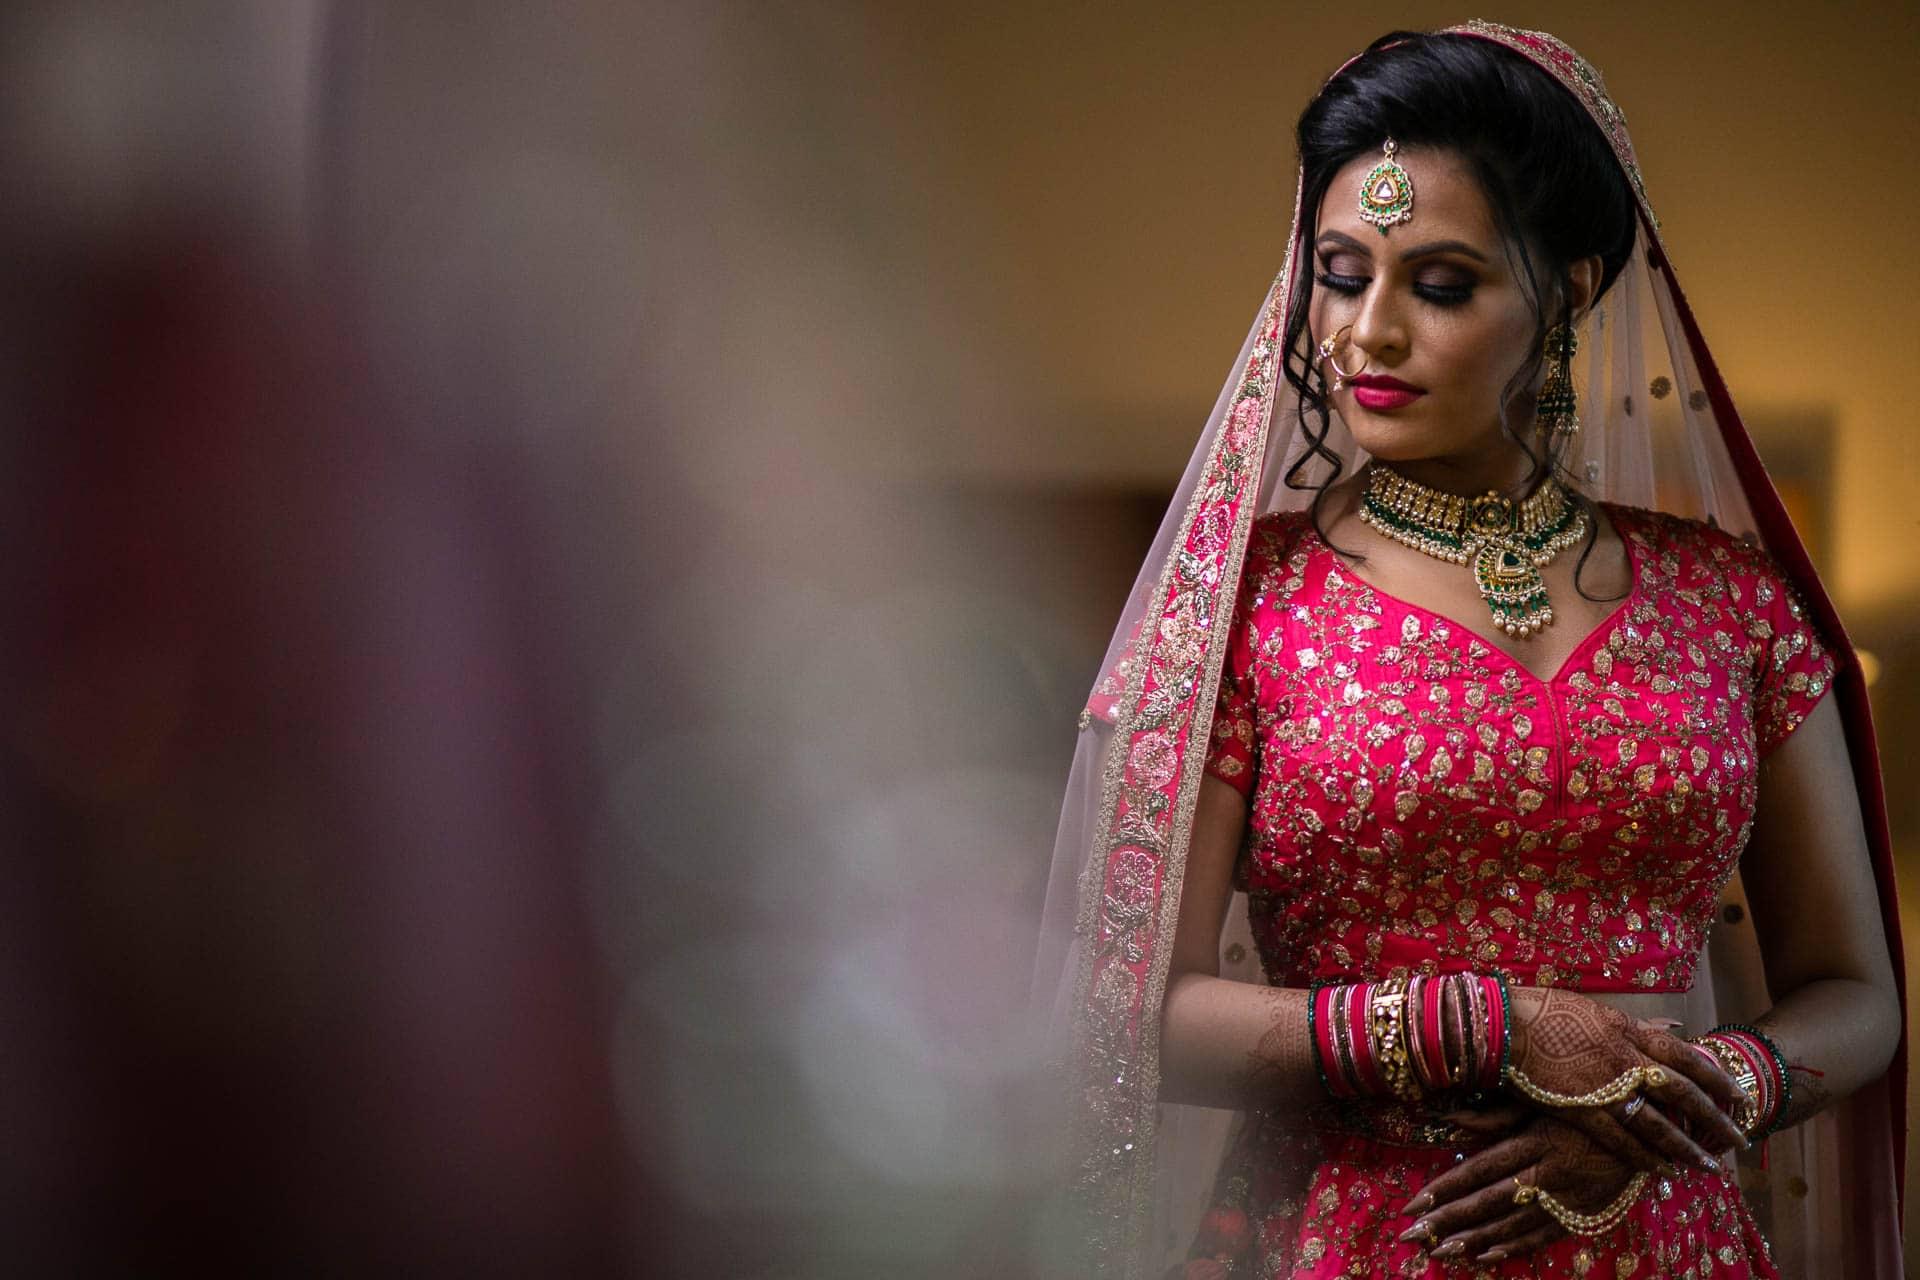 Asian Bride portrait